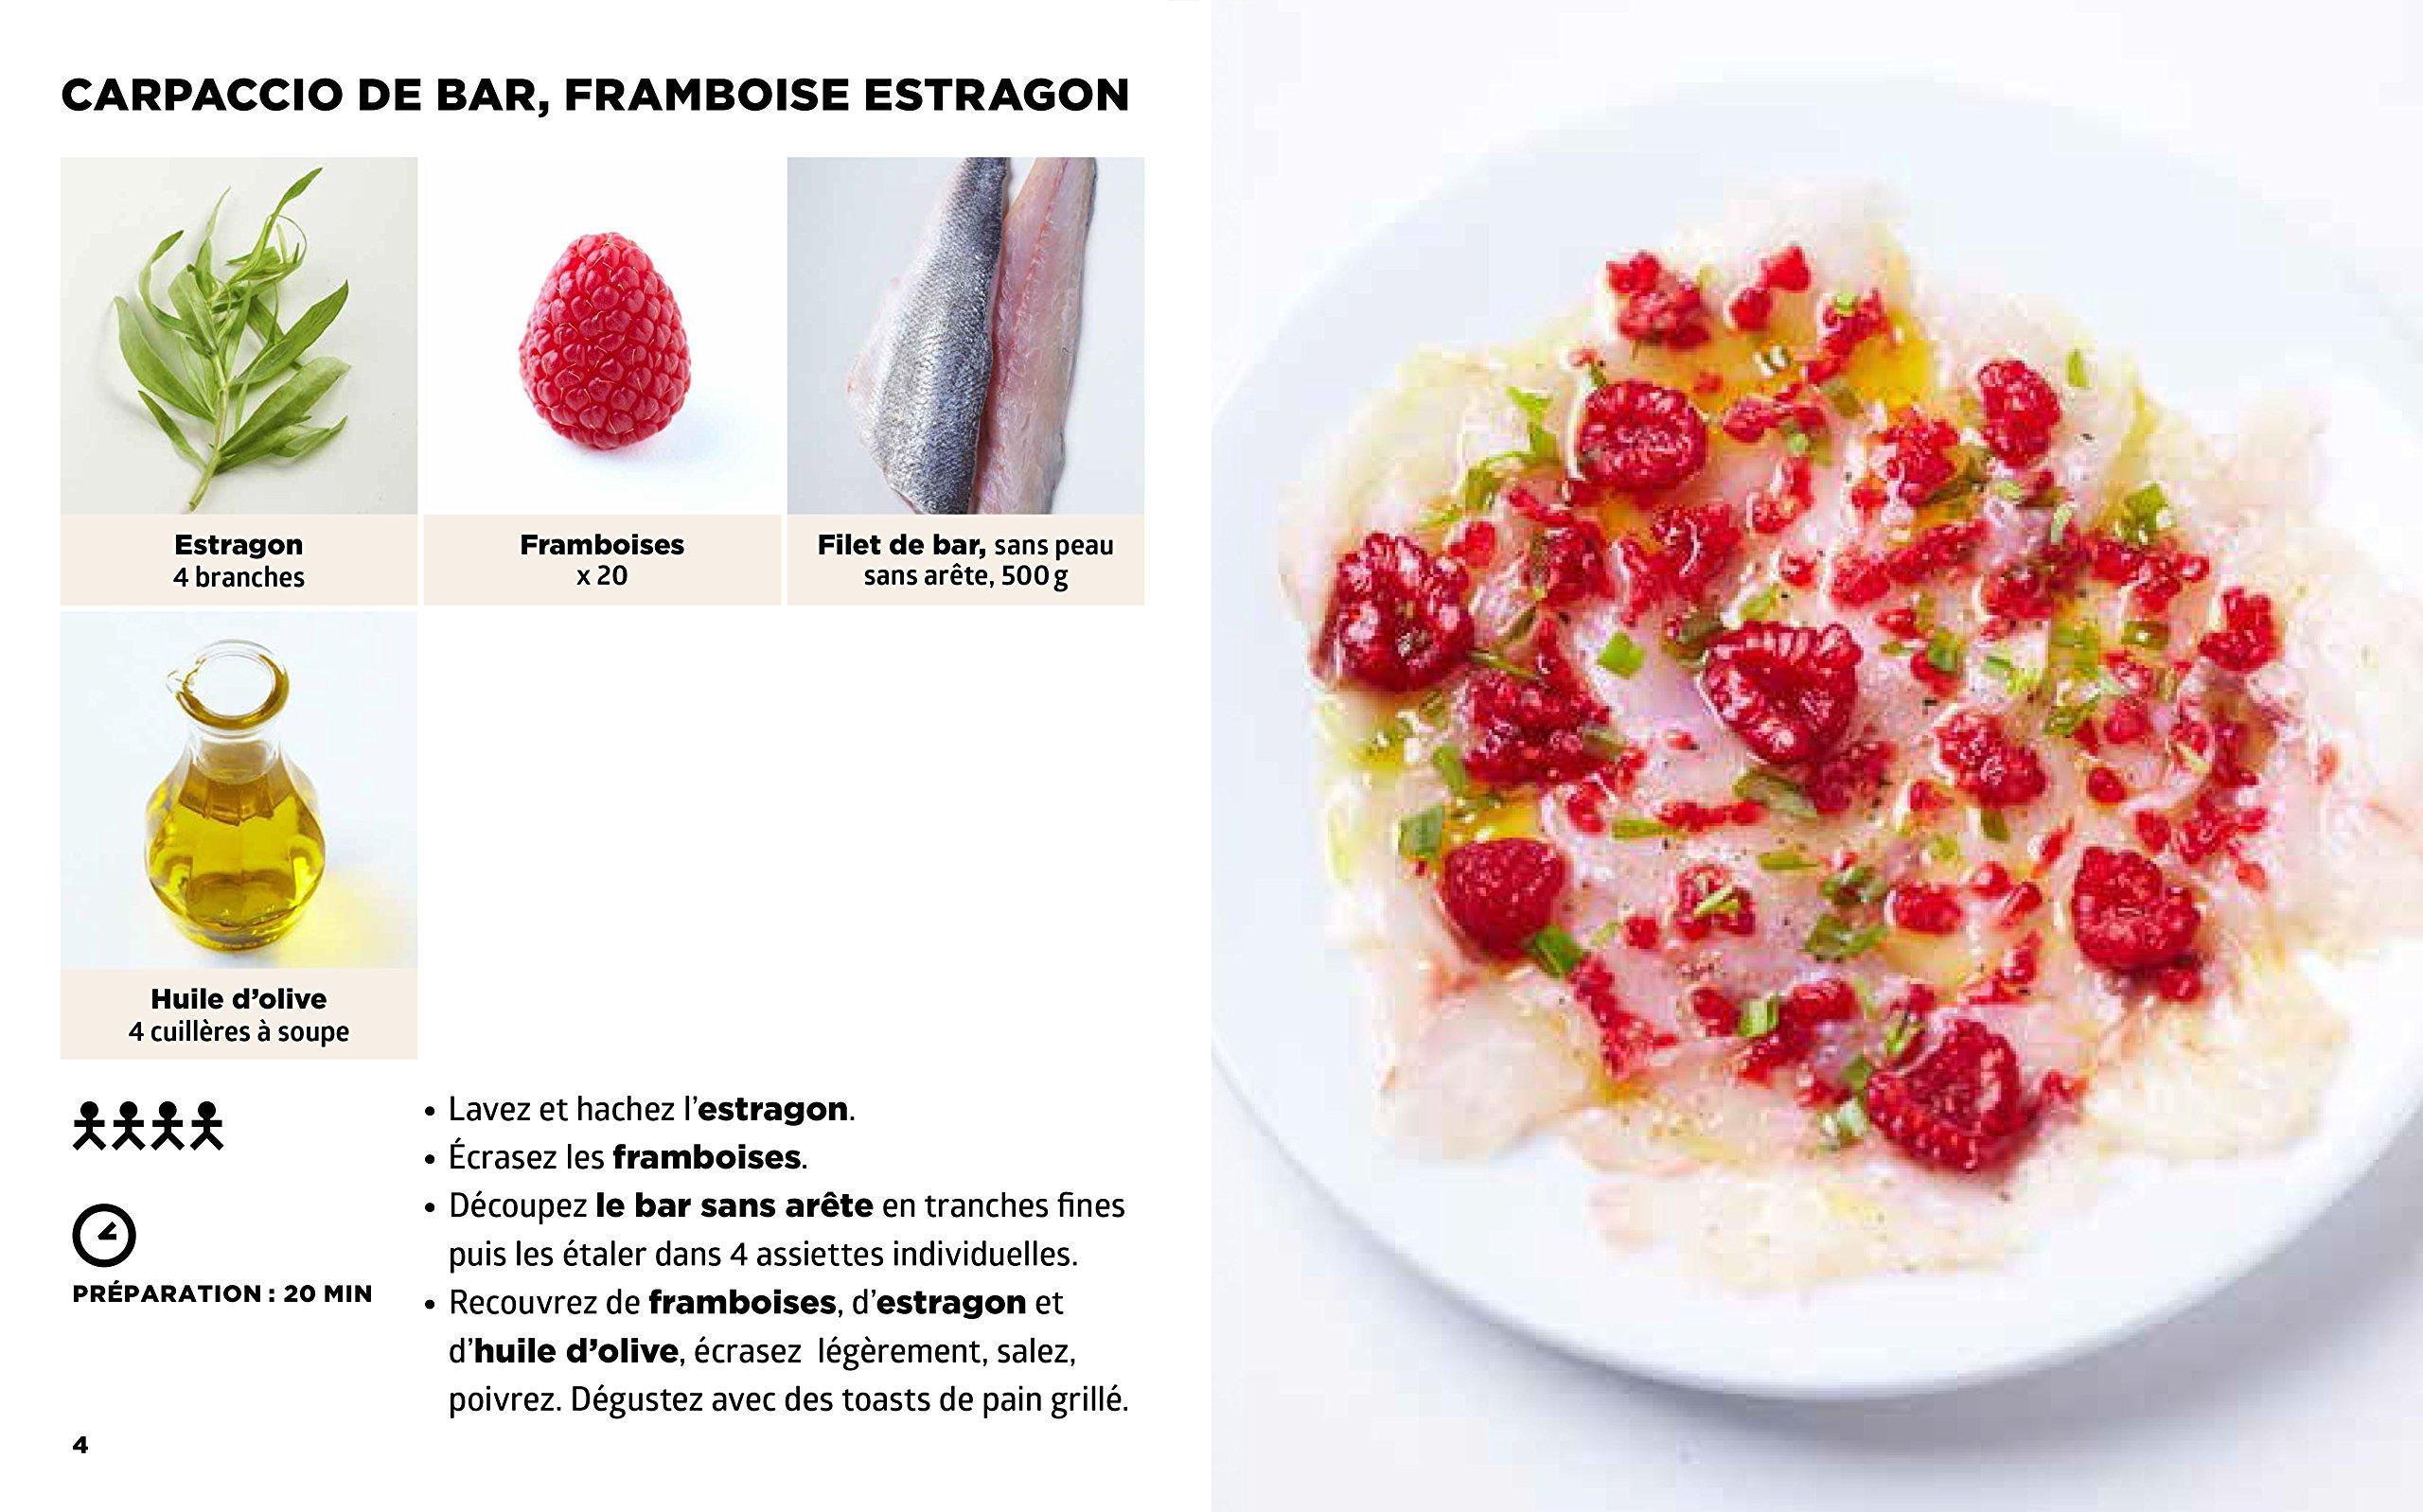 simplissime le livre de cuisine le facile du monde french edition jean franois mallet hachette 9782013963657 amazoncom books